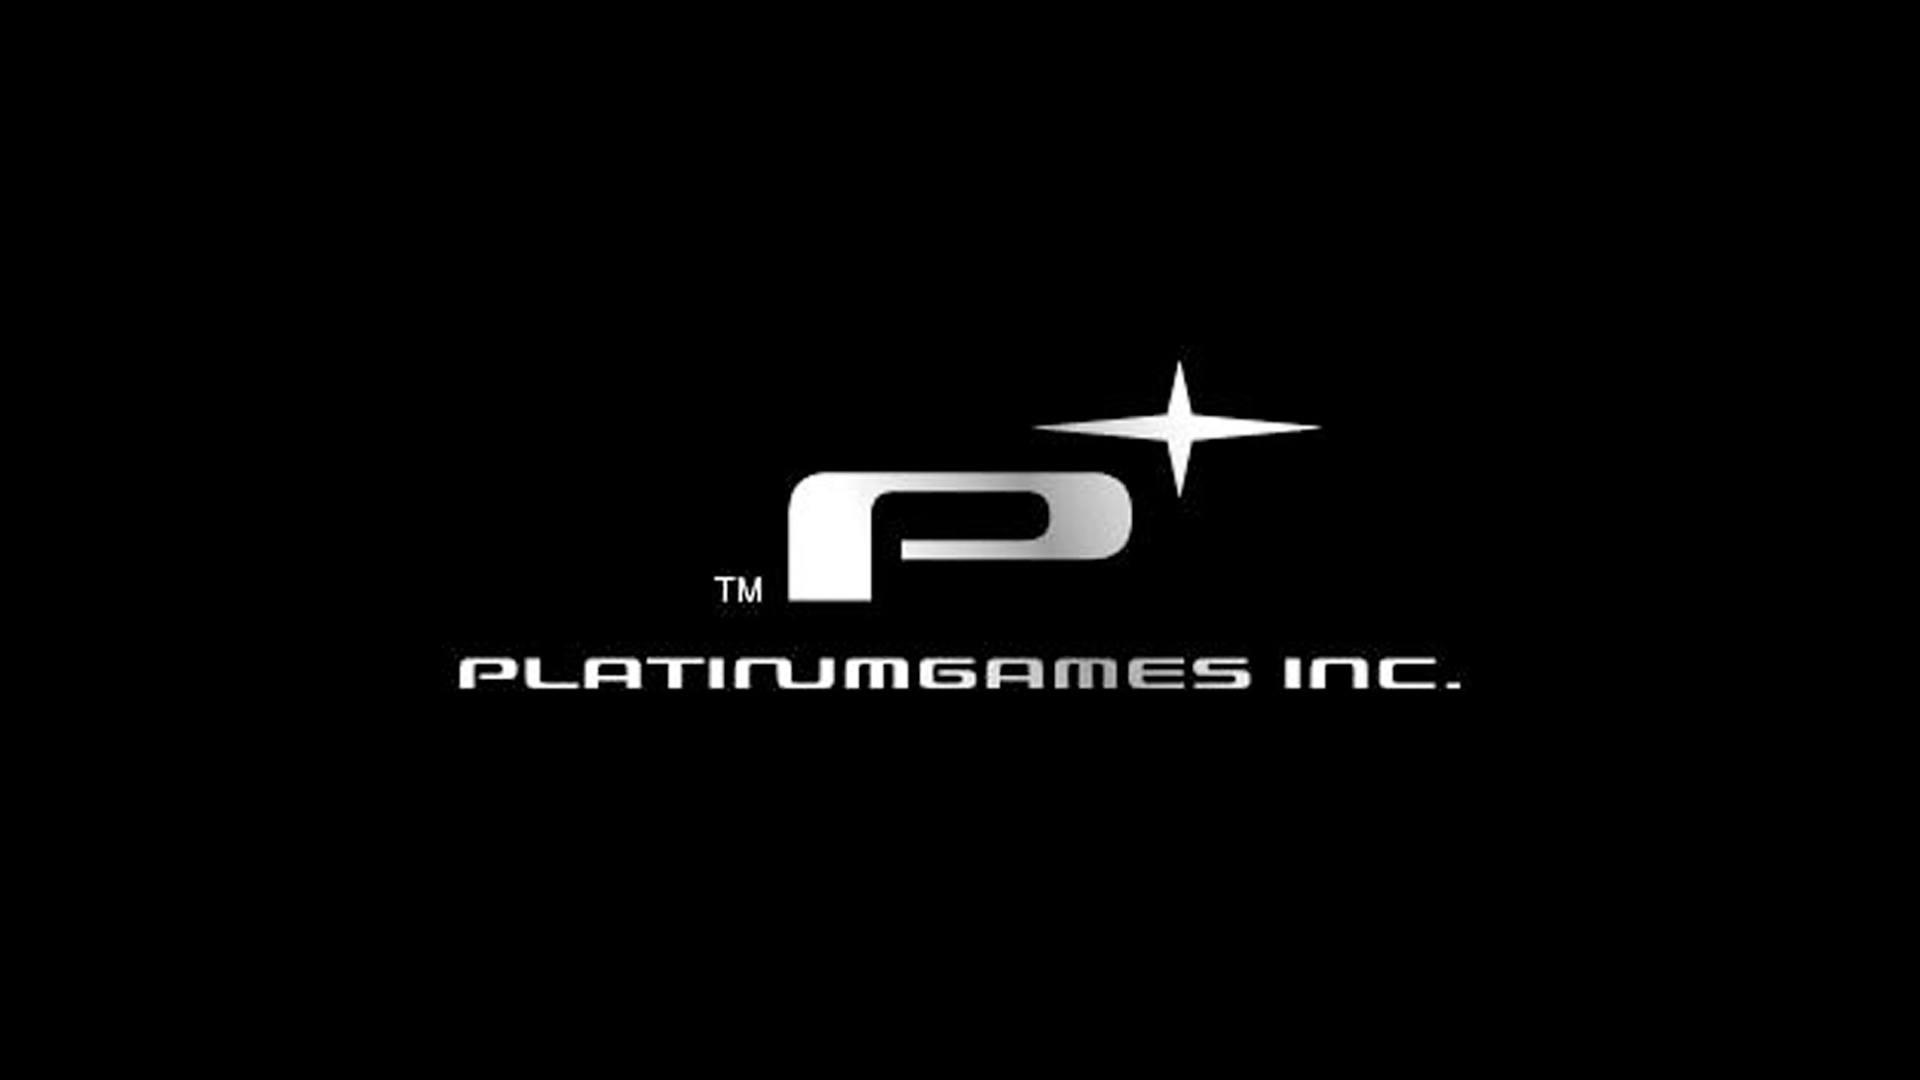 پروژه-های-بعدی-استودیو-پلاتینیوم-گیمز